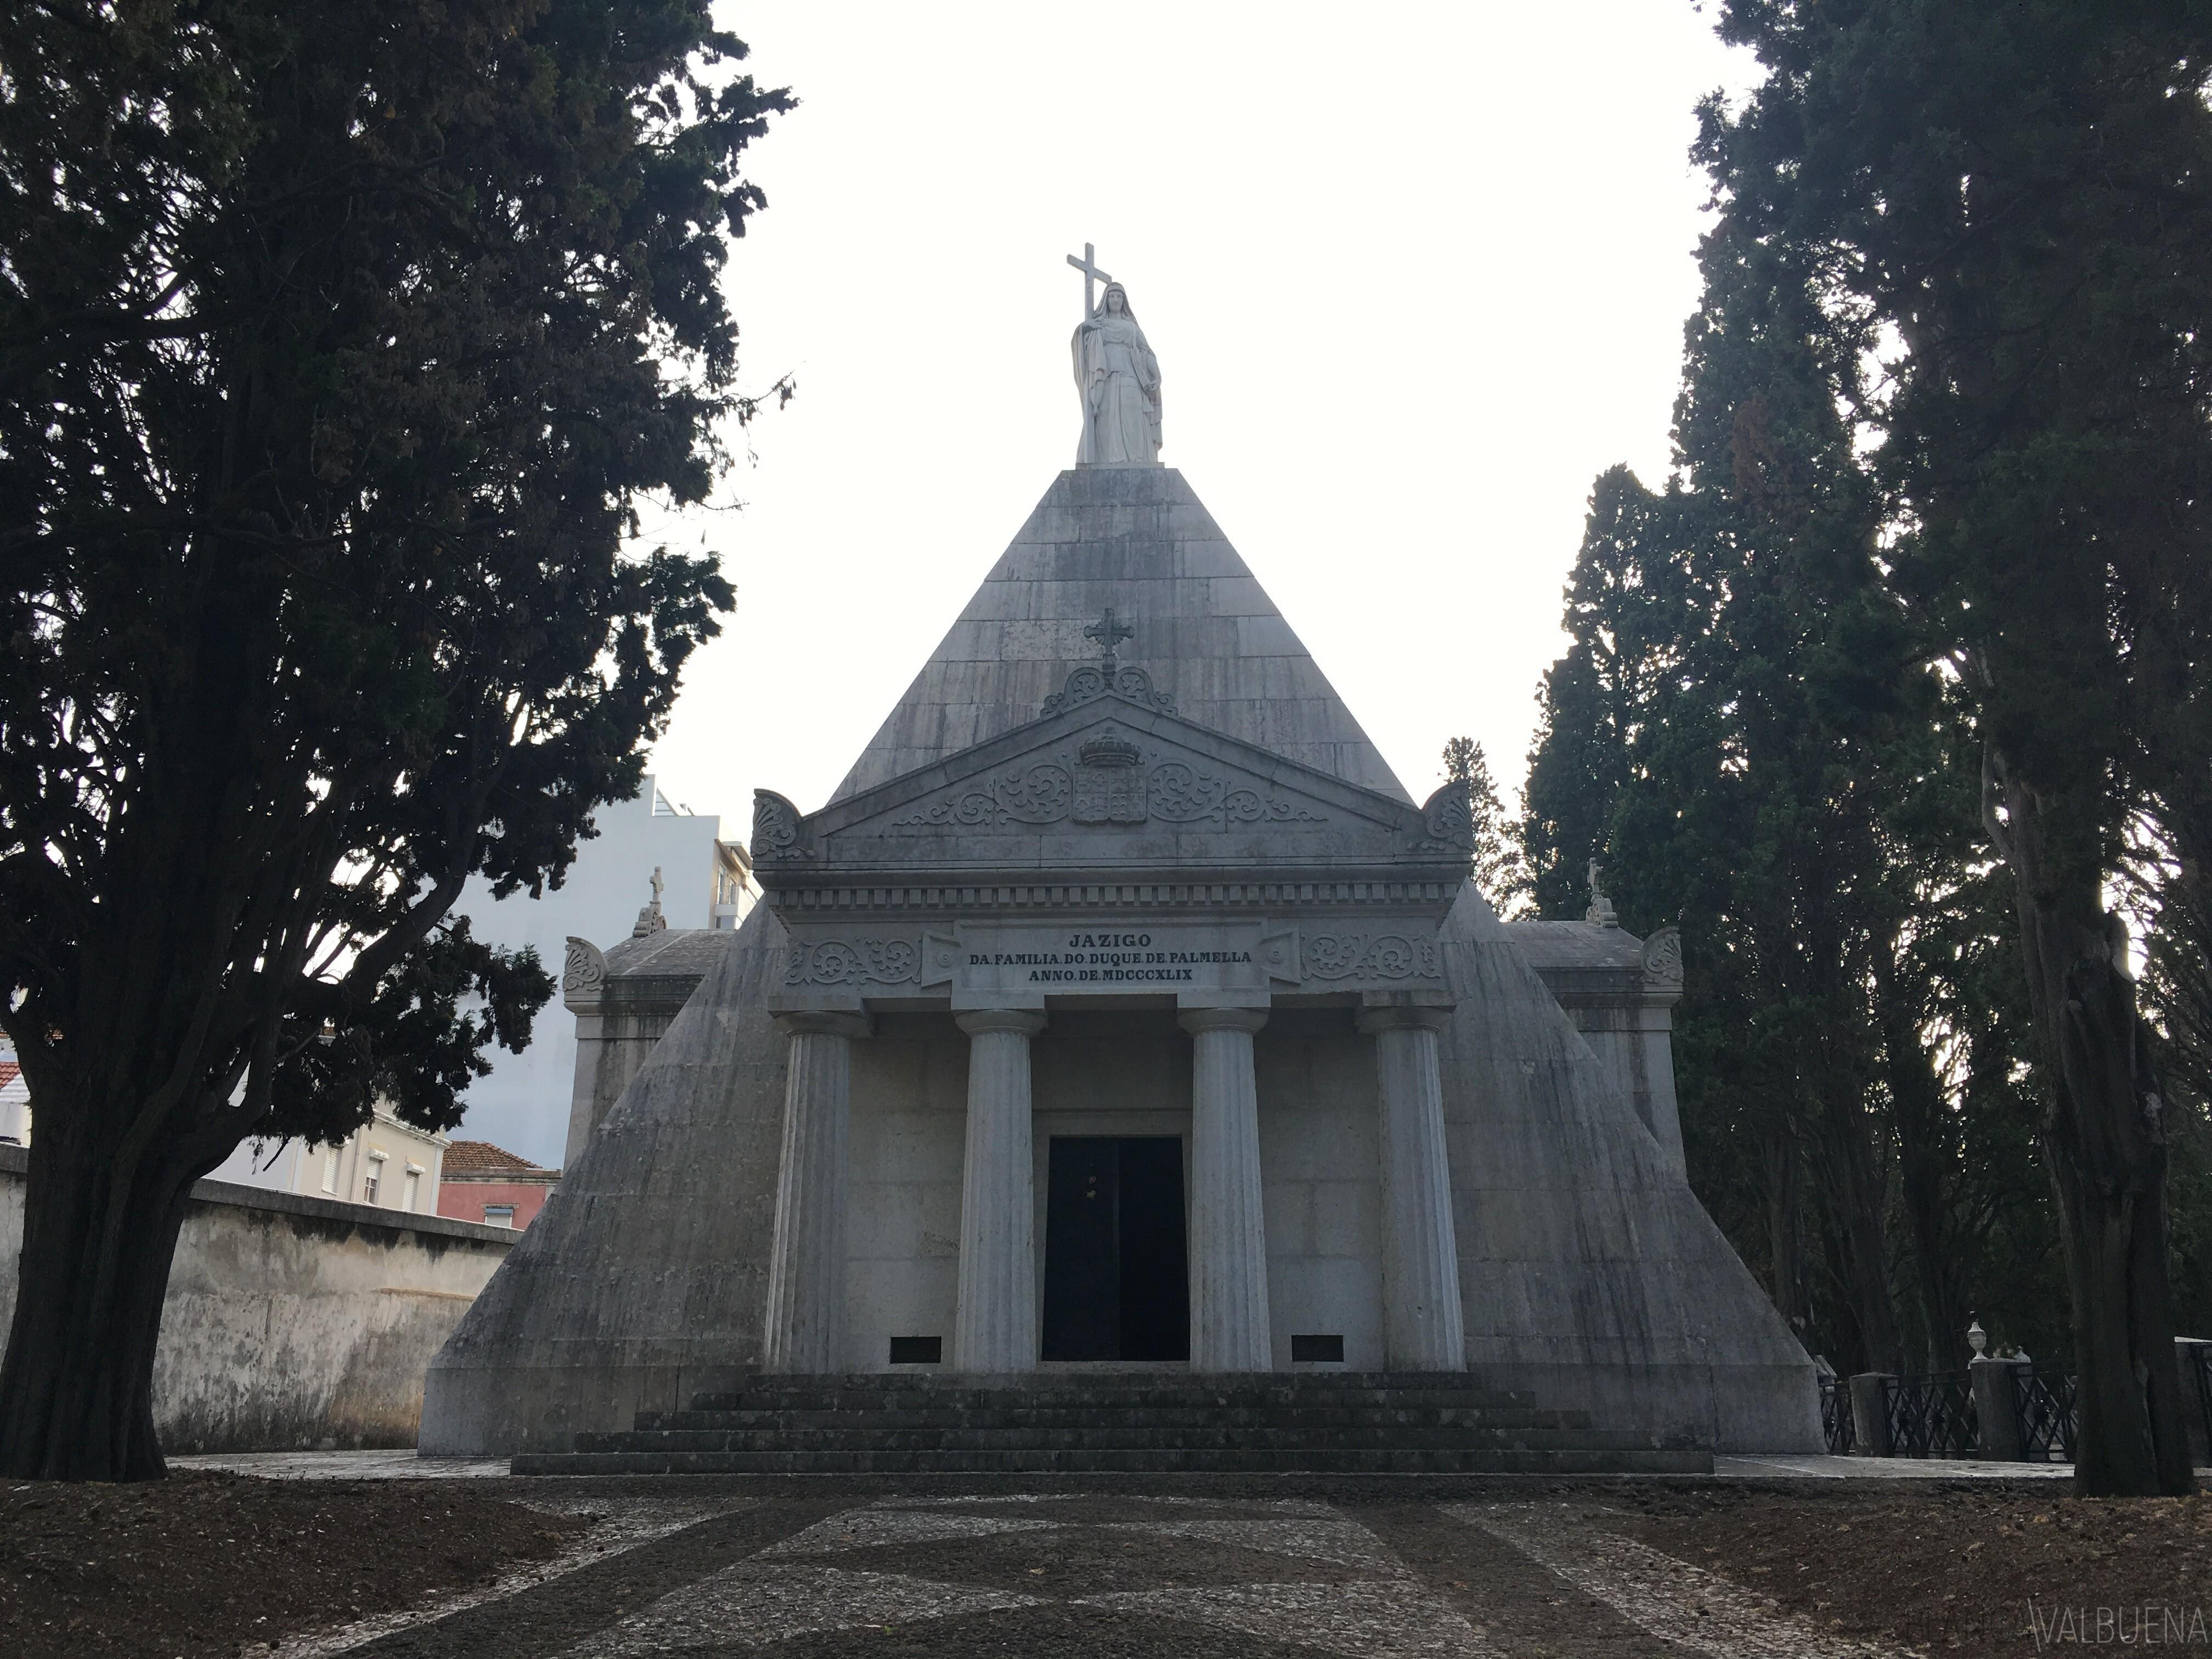 famílias proeminentes enterrado em Prazeres